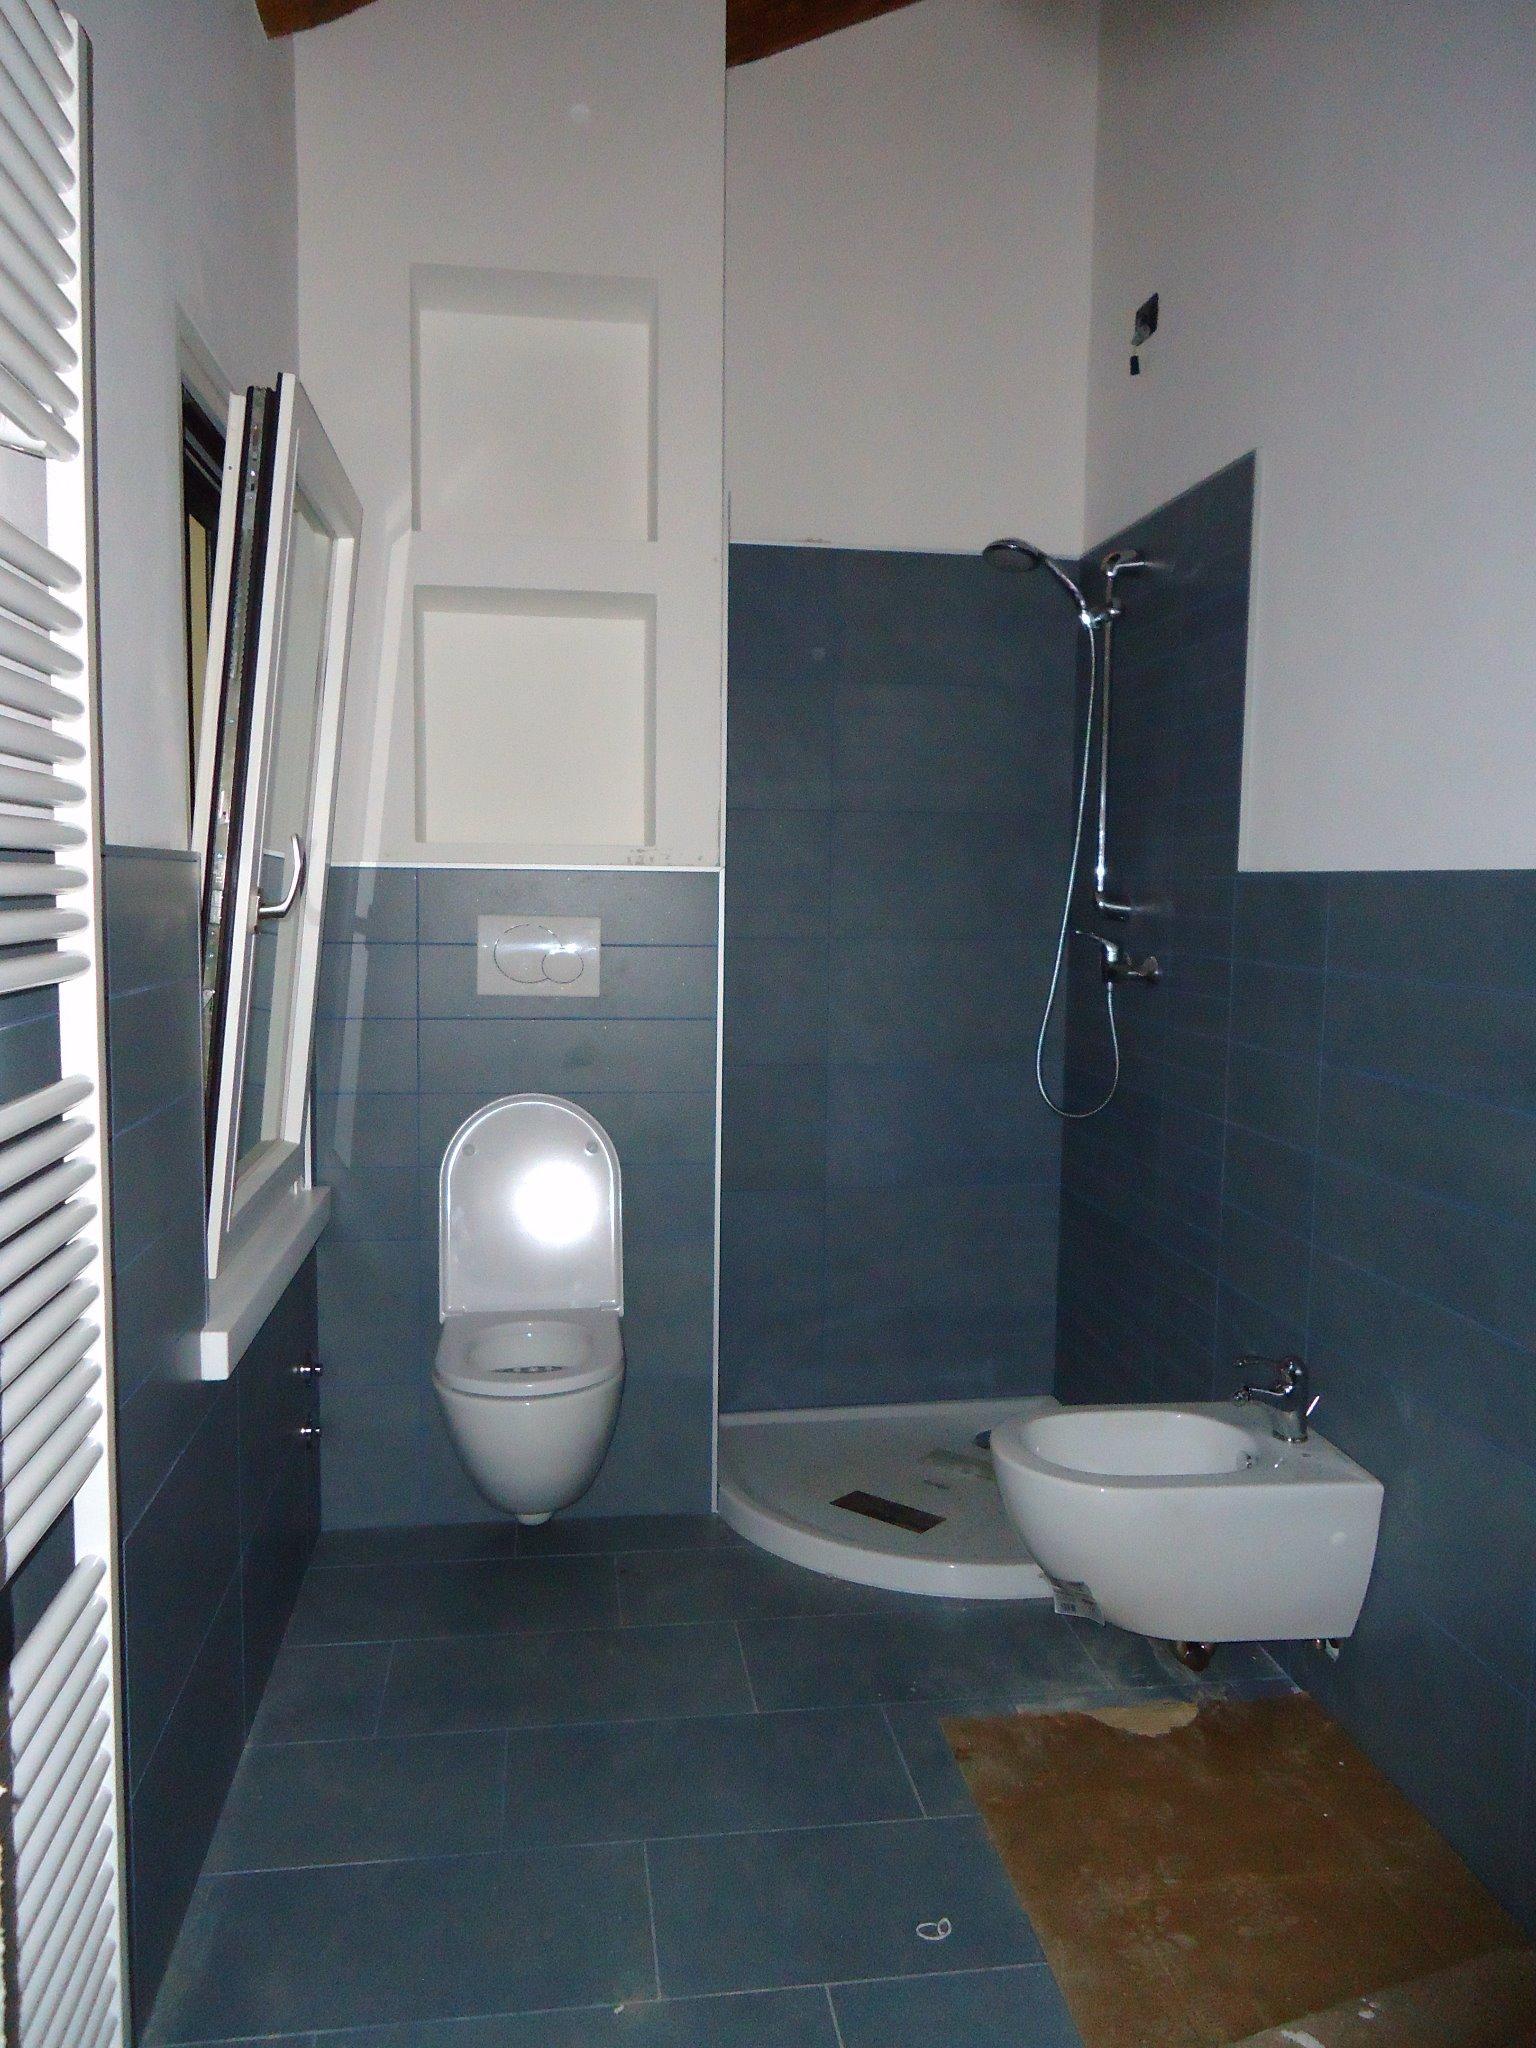 Menon impresa edile on twitter esempio di realizzazione di posa piastrelle bagno aquileia - Disposizione piastrelle bagno ...